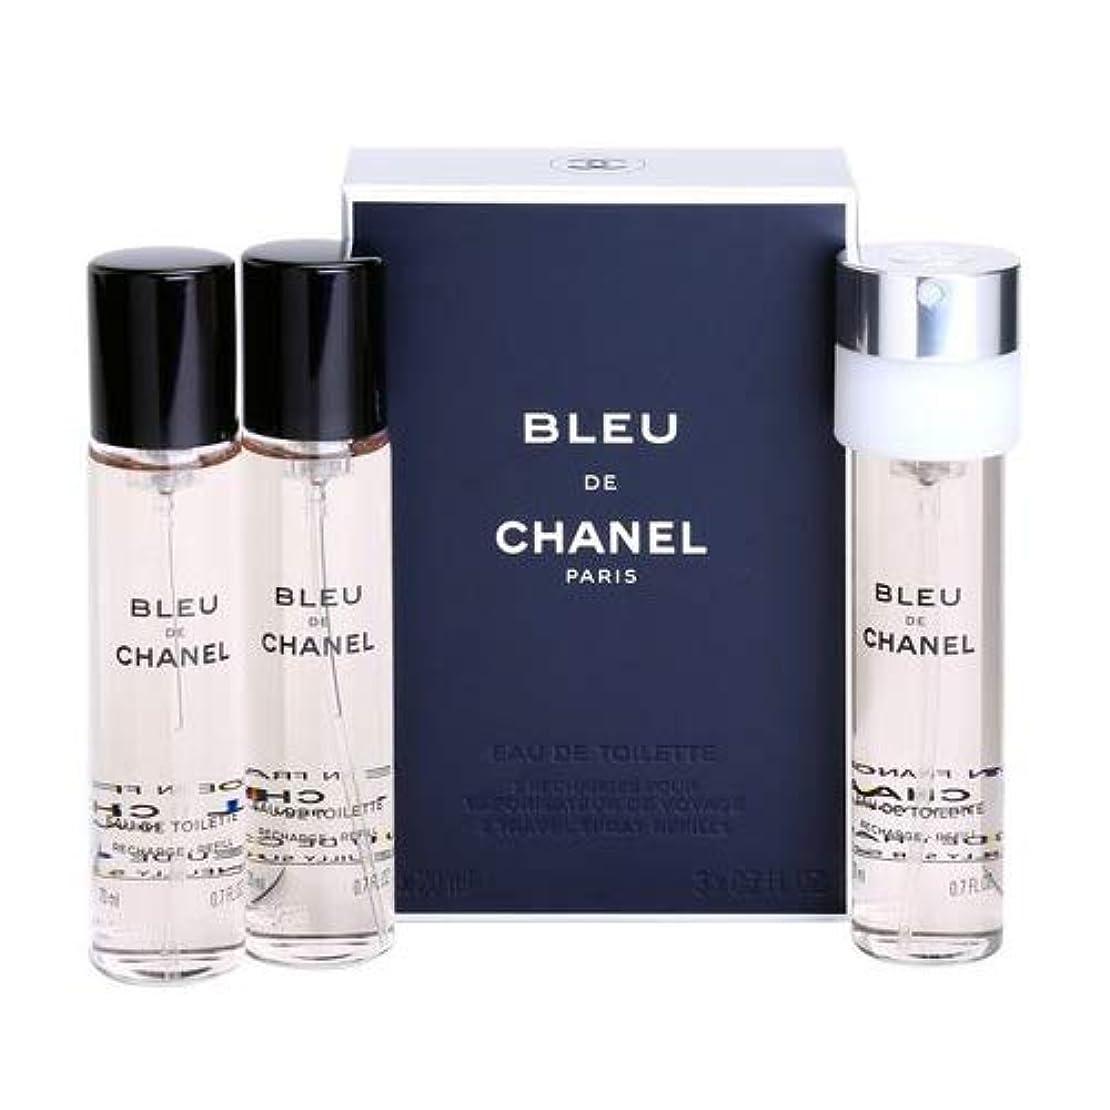 宣伝能力排除するシャネル(CHANEL) ブルー ドゥ シャネル プールオム EDT SP 20ml×3本セット リフィル[並行輸入品]